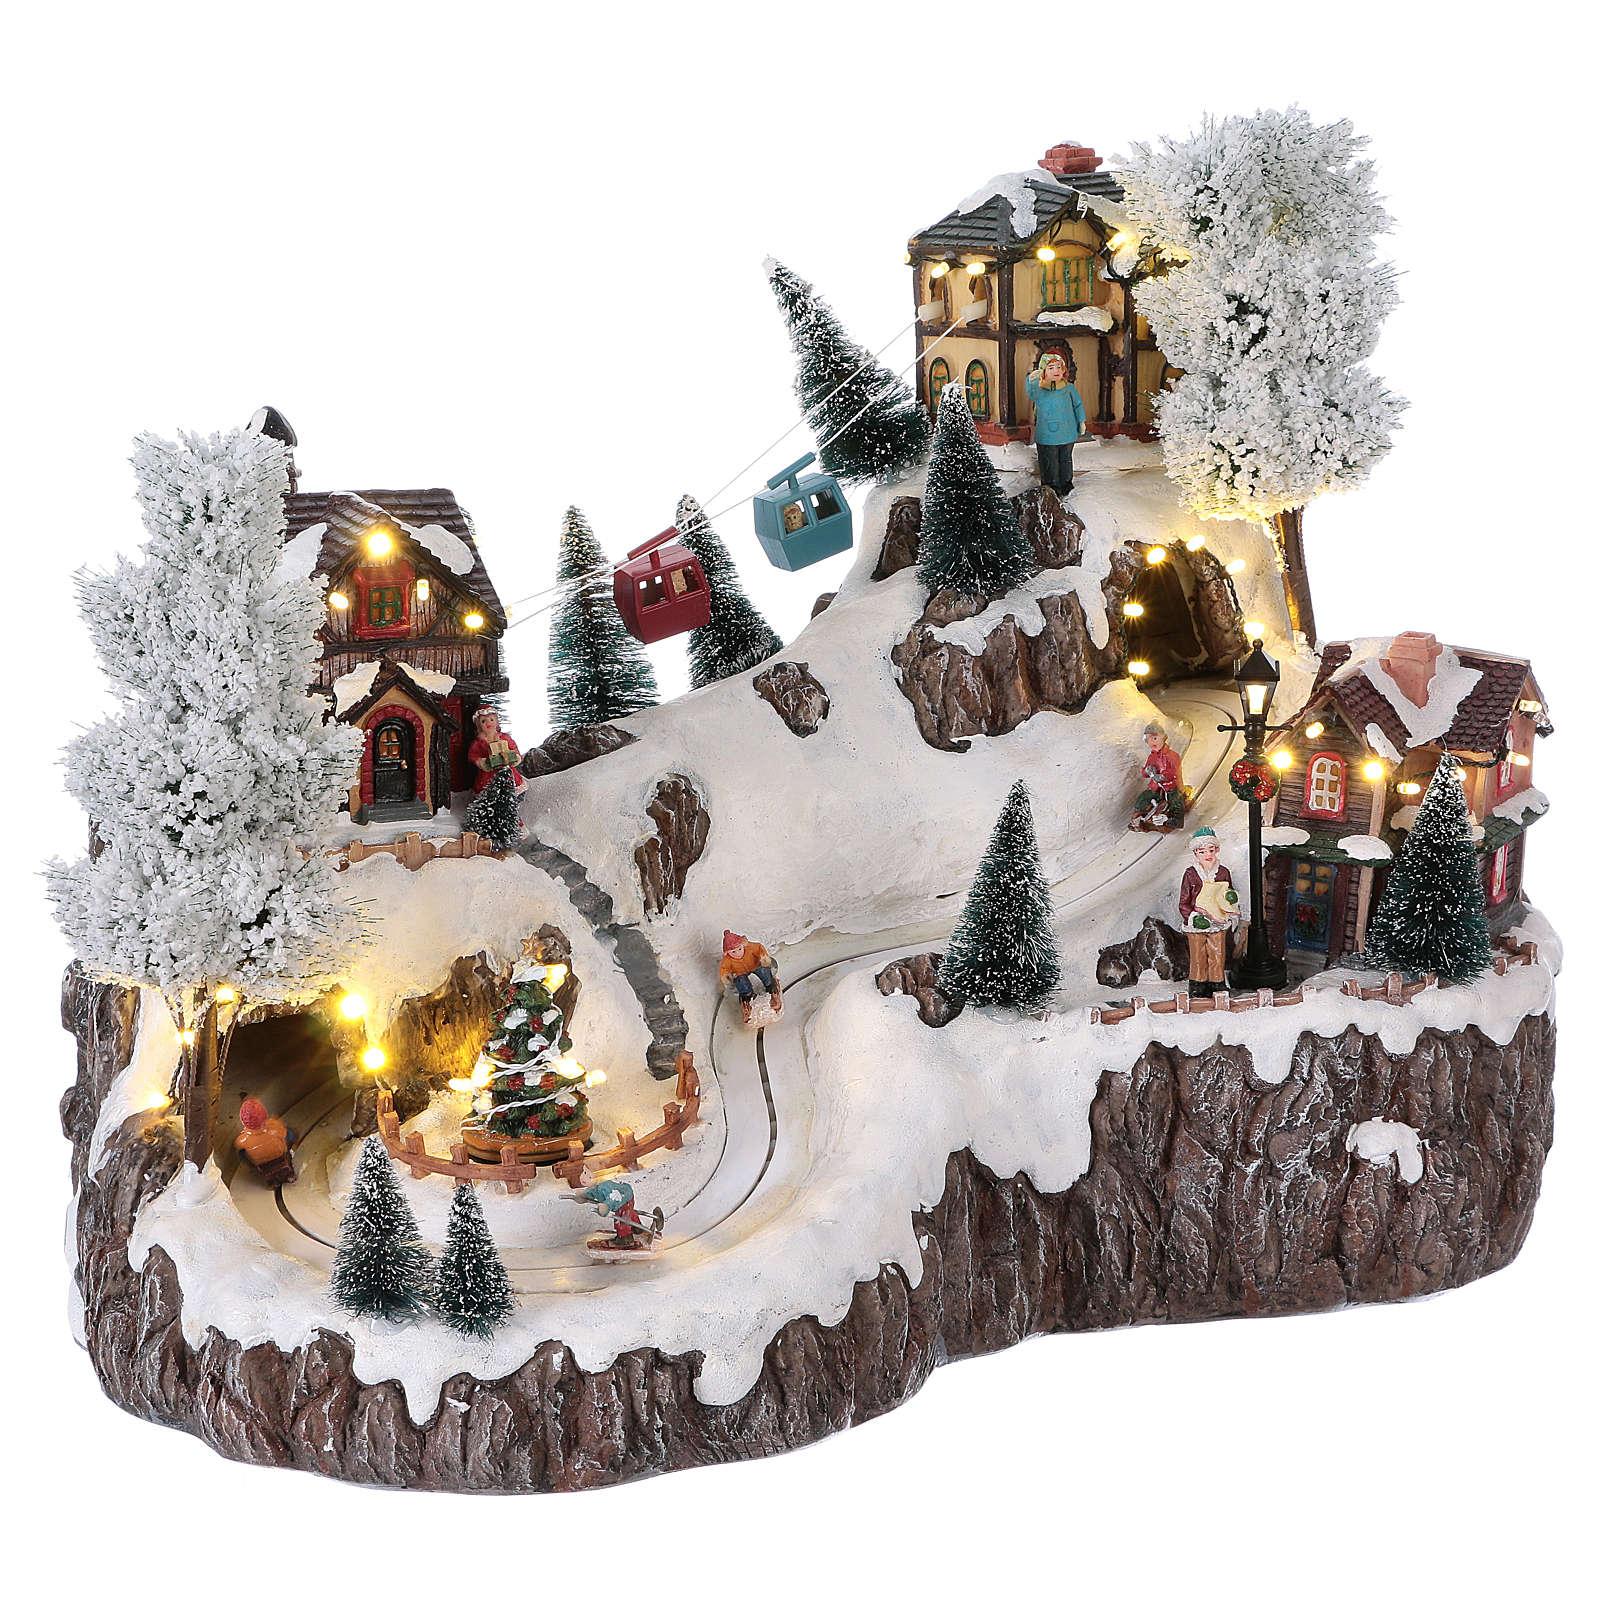 Weihnachtsdorf, mit Beleuchtung, Musik und beweglicher Seilbahn und Abfahrtsläufern, 35x45x30 cm, Netzanschluss 3